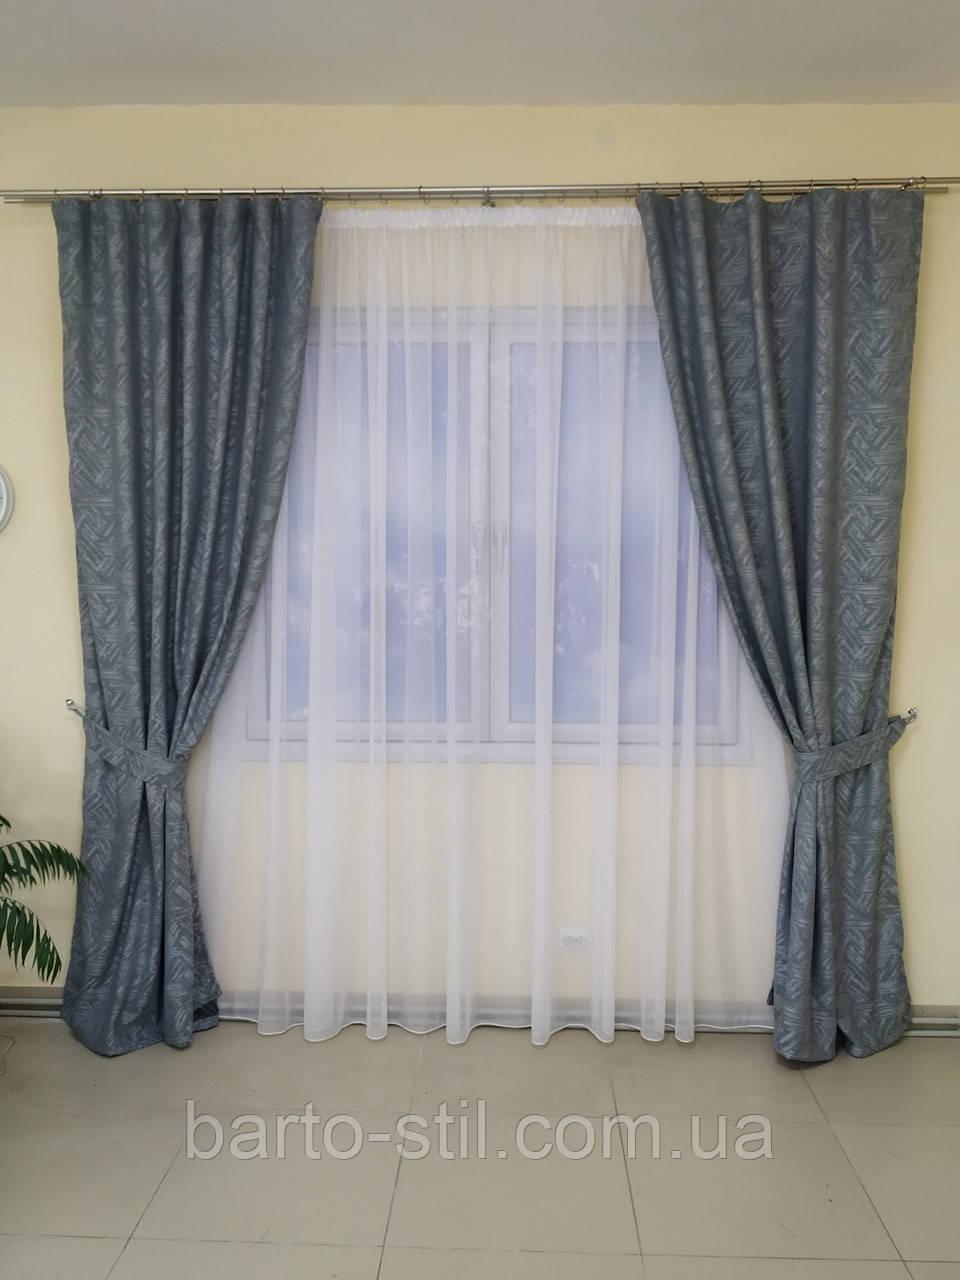 Готовые шторы из ткани лён блекаут з рисунком Высота 2.7 м.